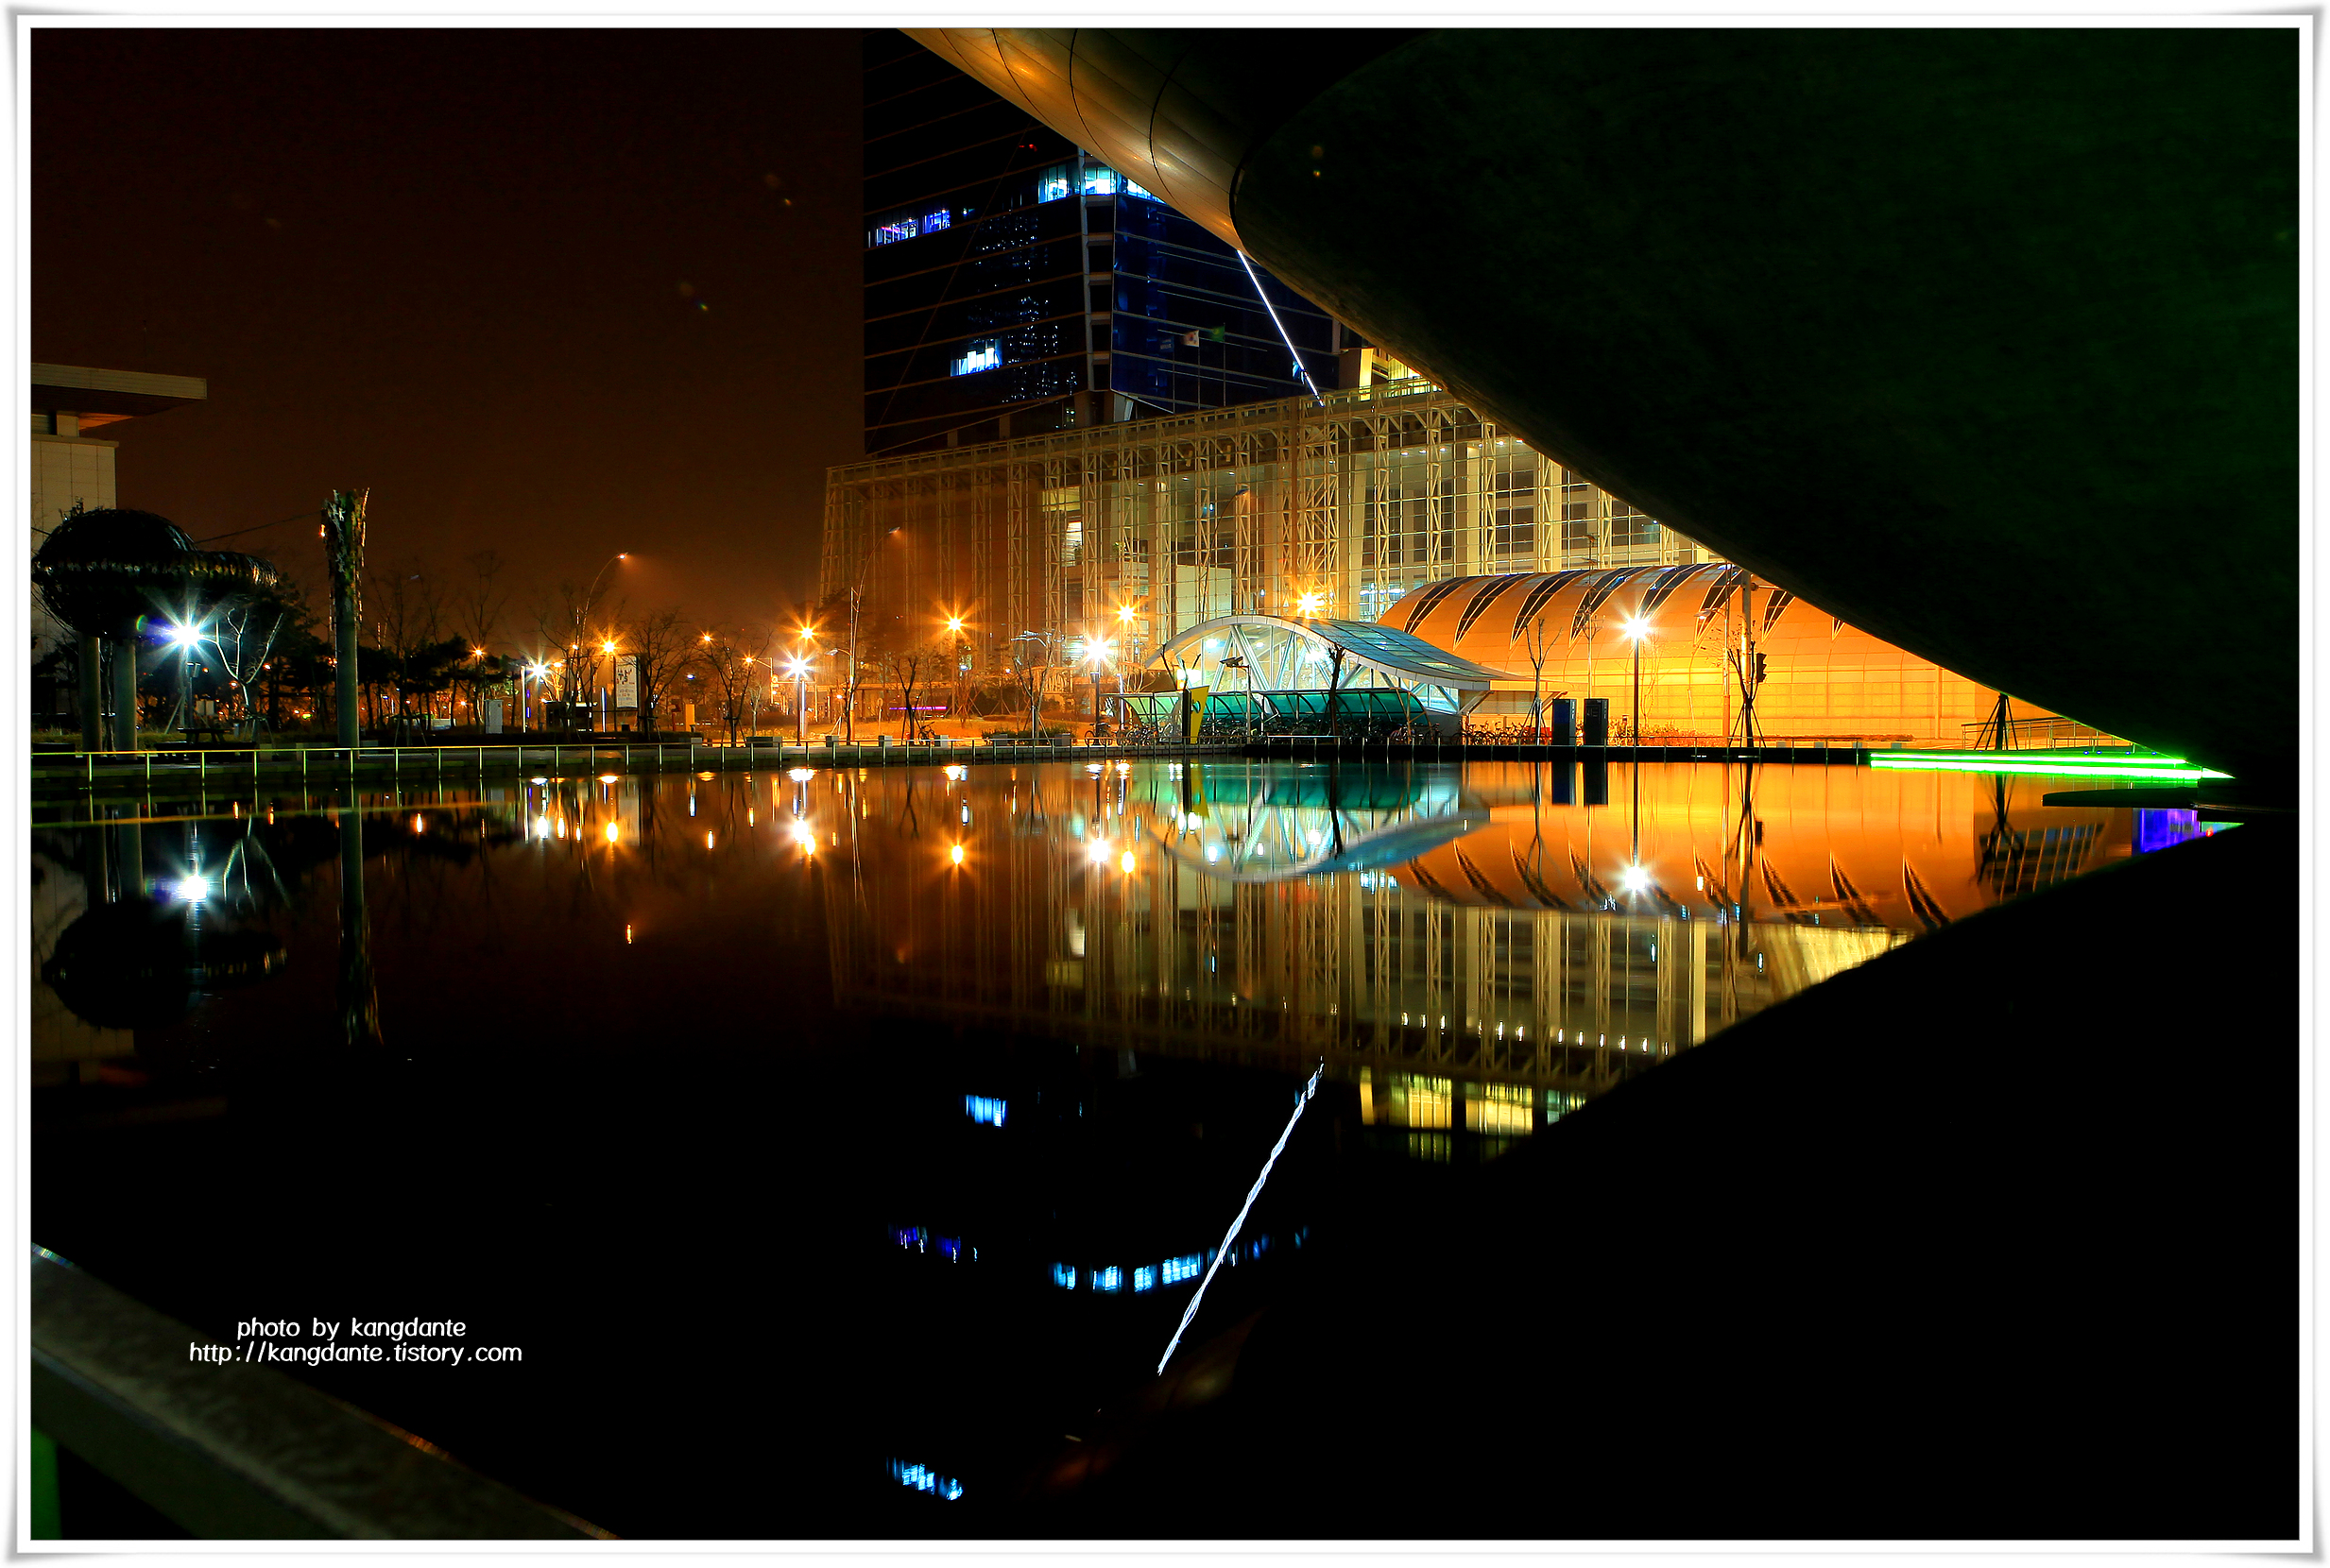 [한장의 사진] 송도 센트럴파크 야경